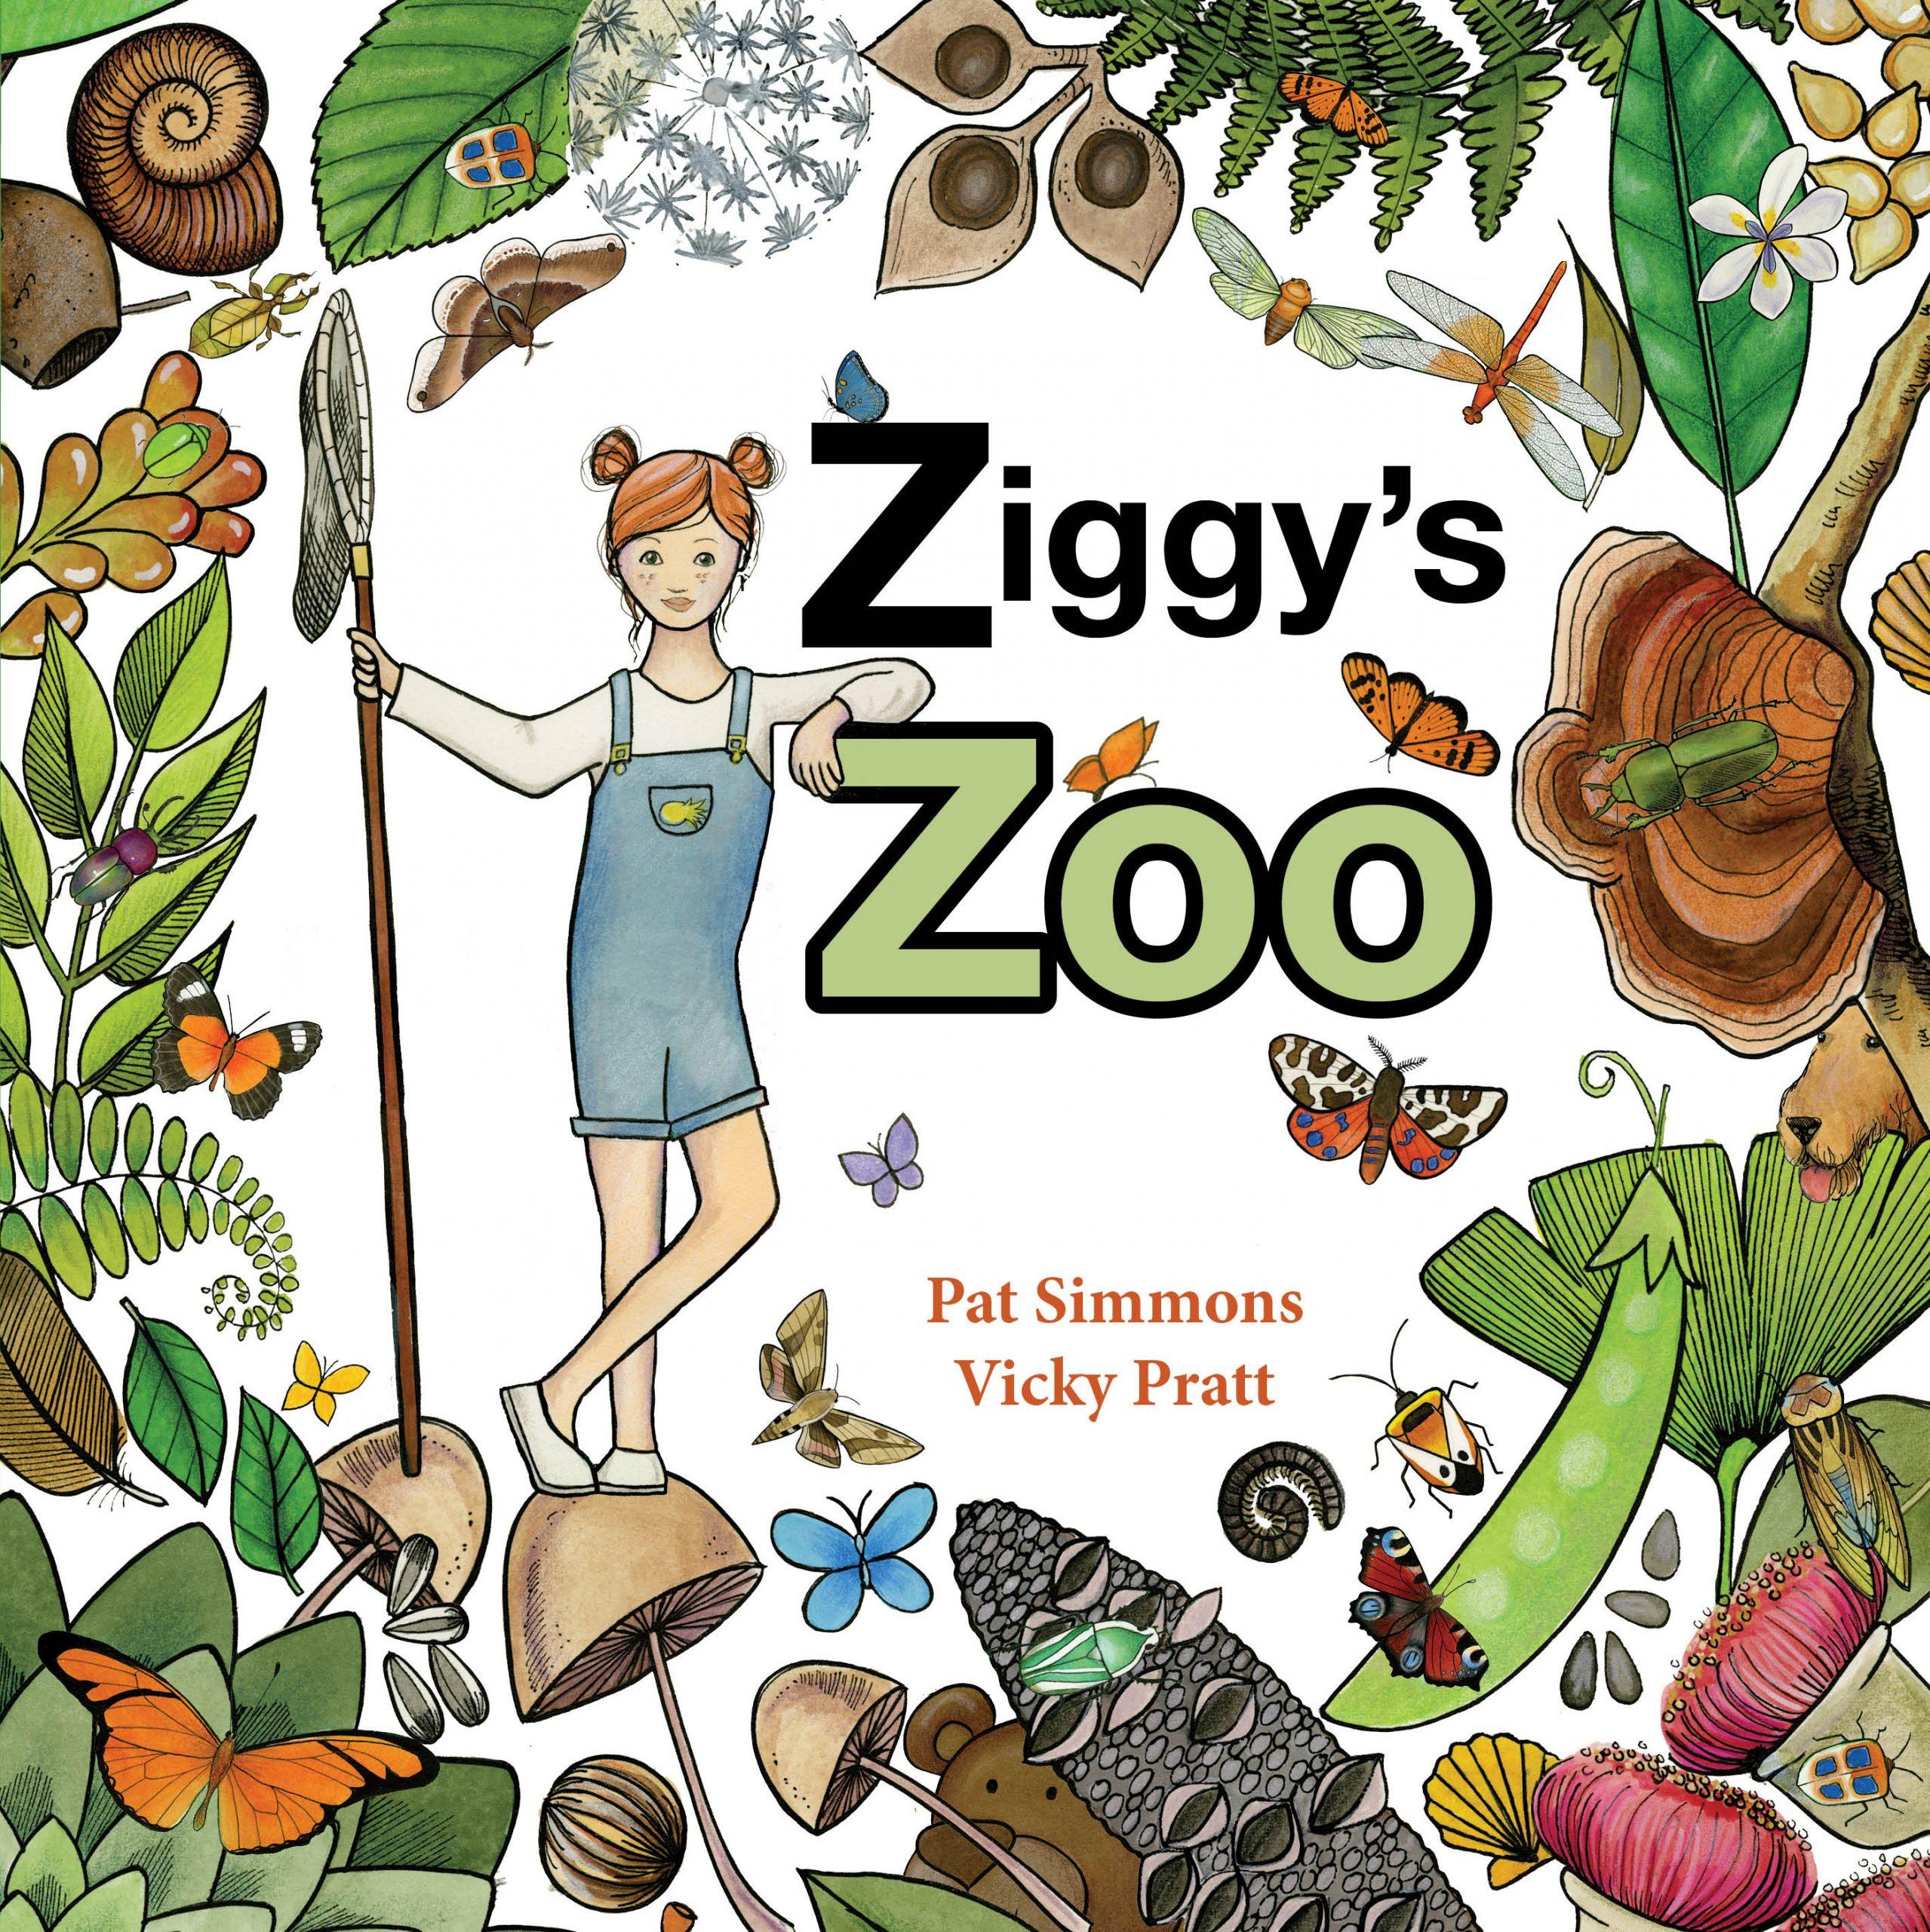 Ziggy's Zoo